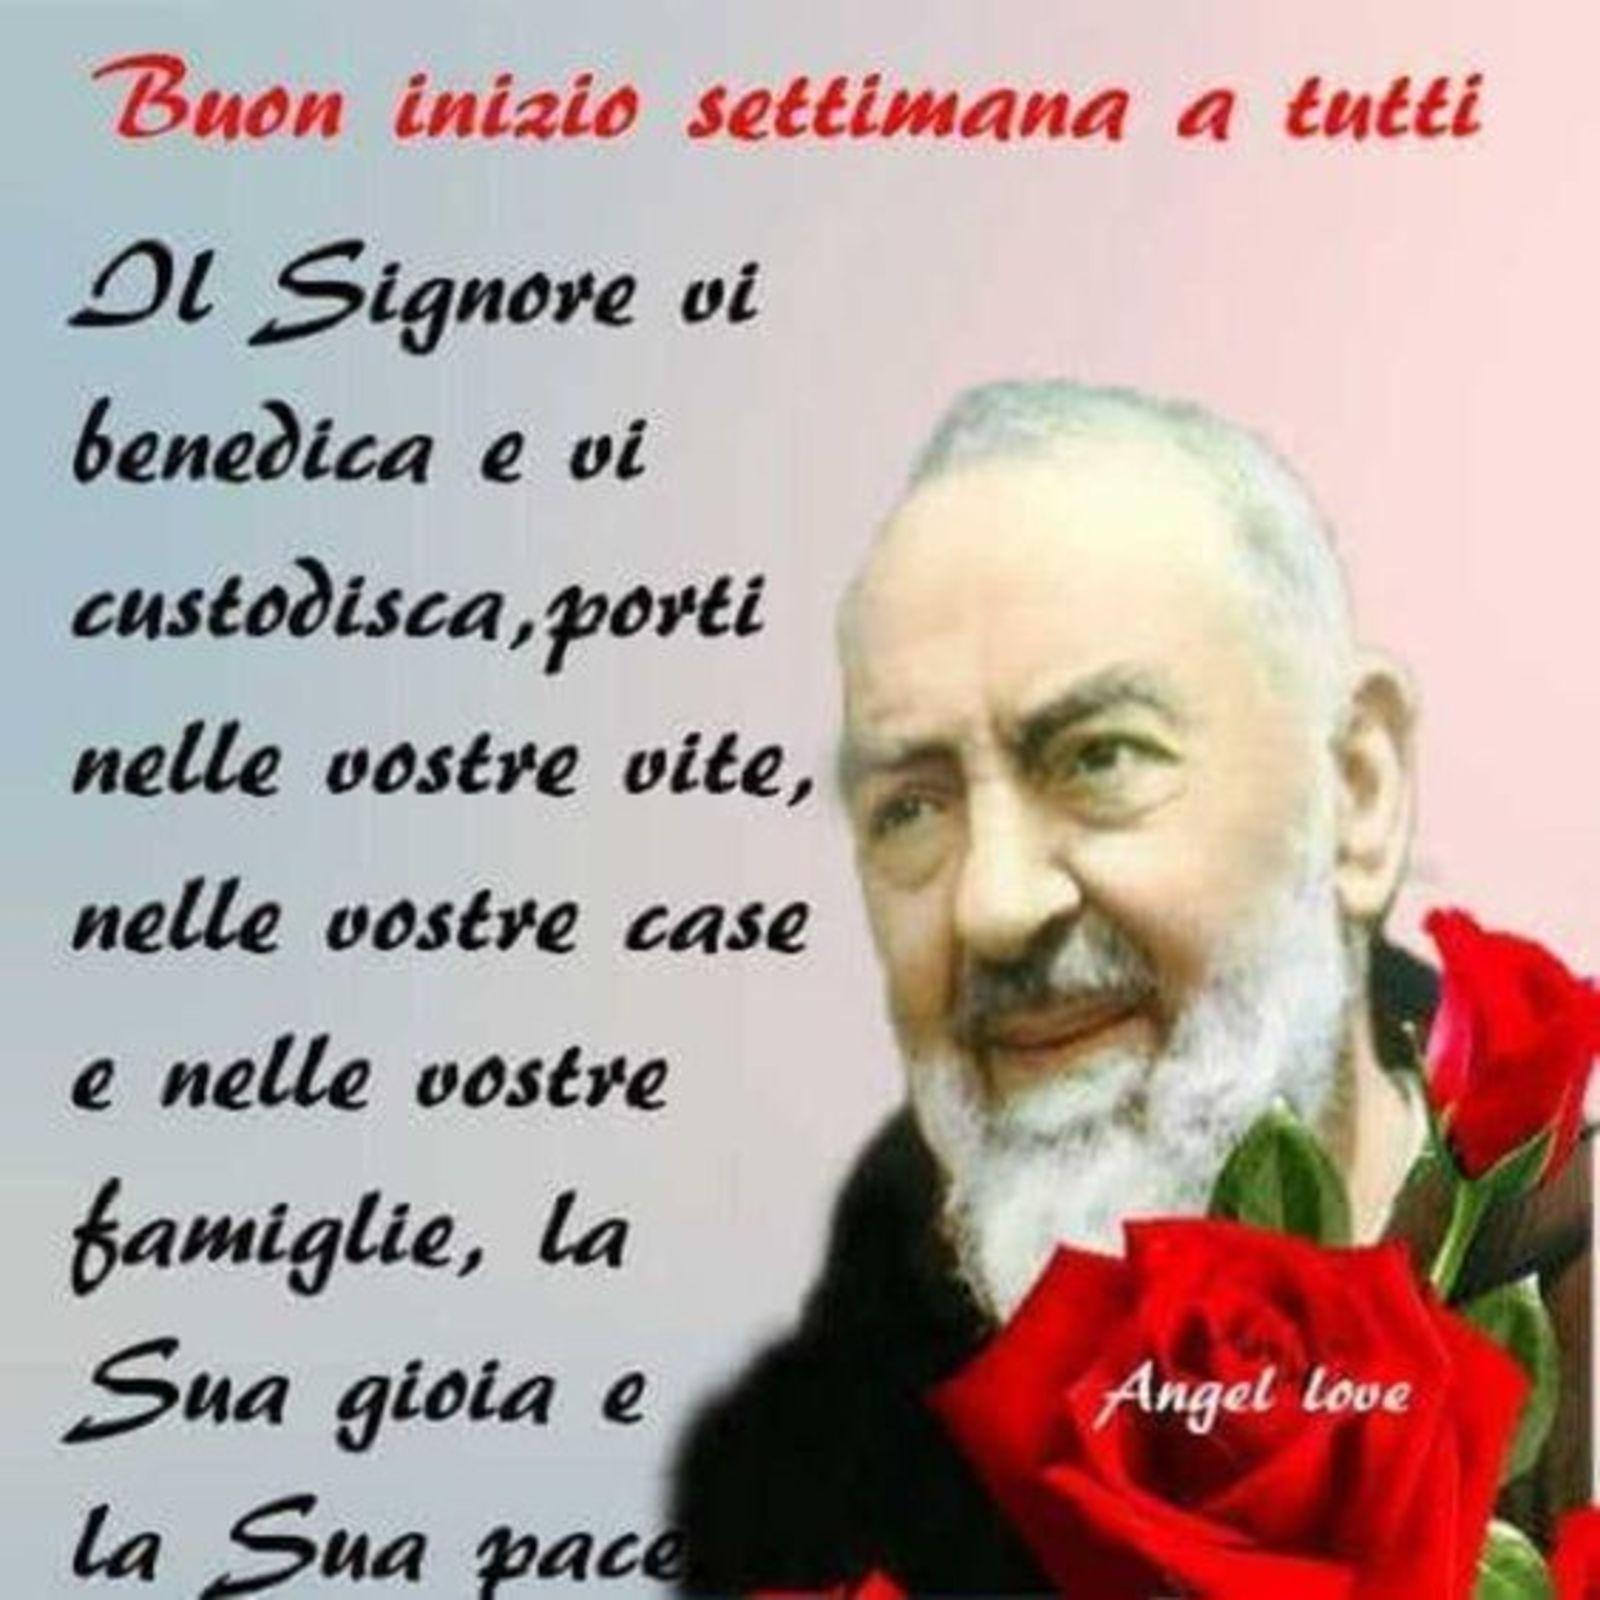 Buon Inizio Settimana a tutti Padre Pio